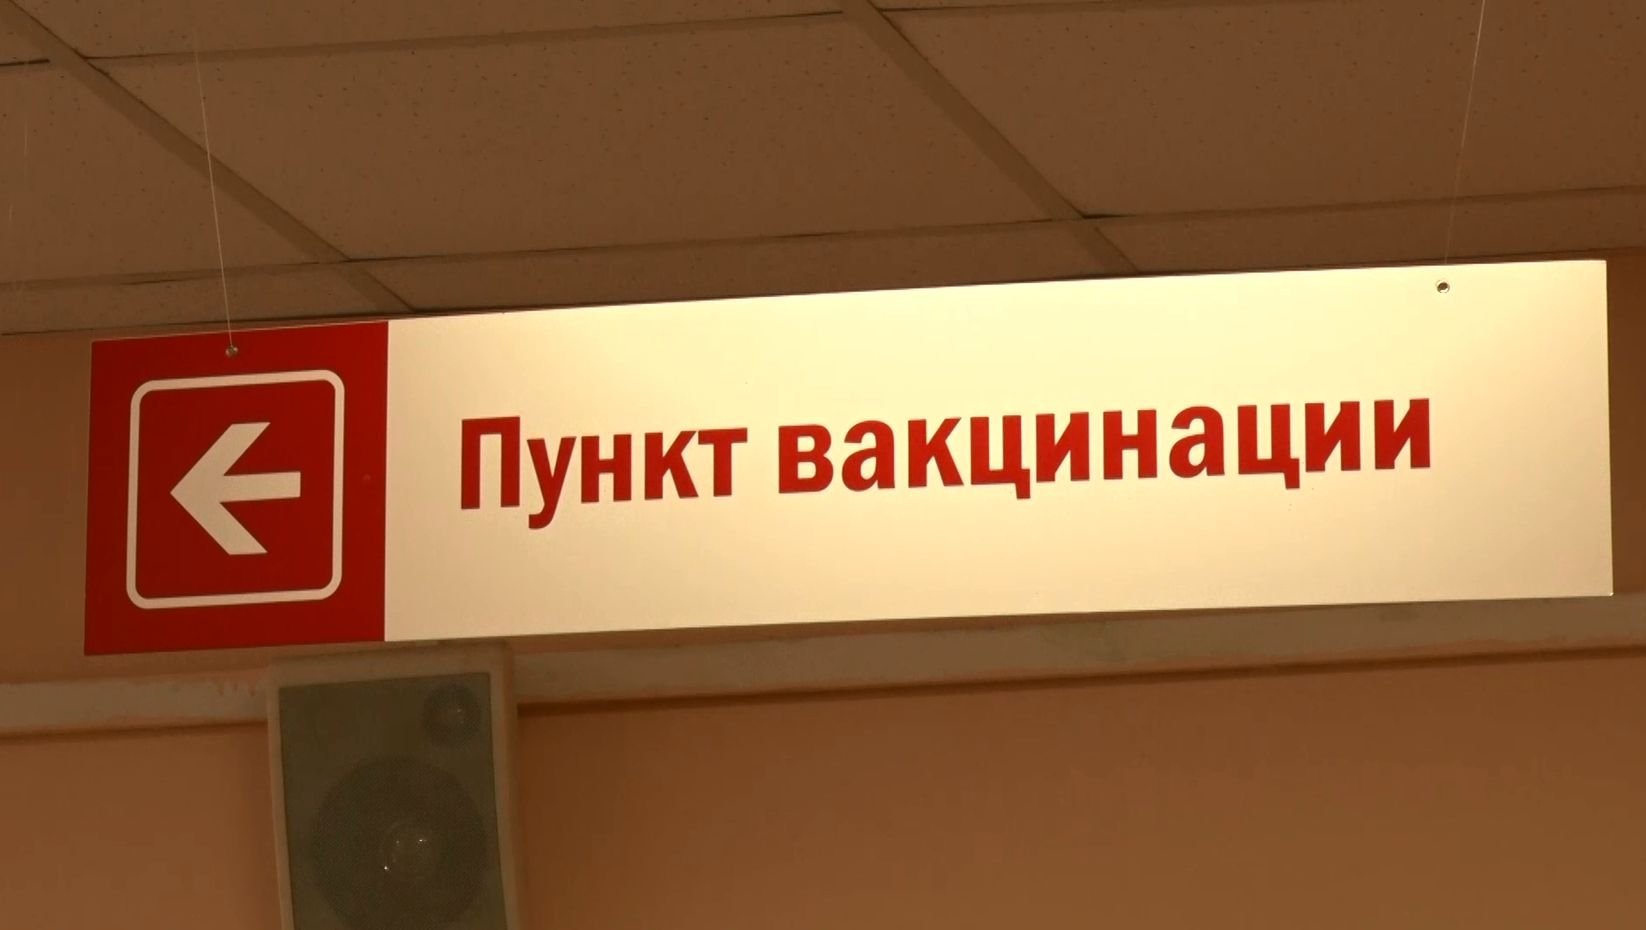 Эпидпорог по заболеваемости ОРВИ среди школьников превышен в Ярославской области